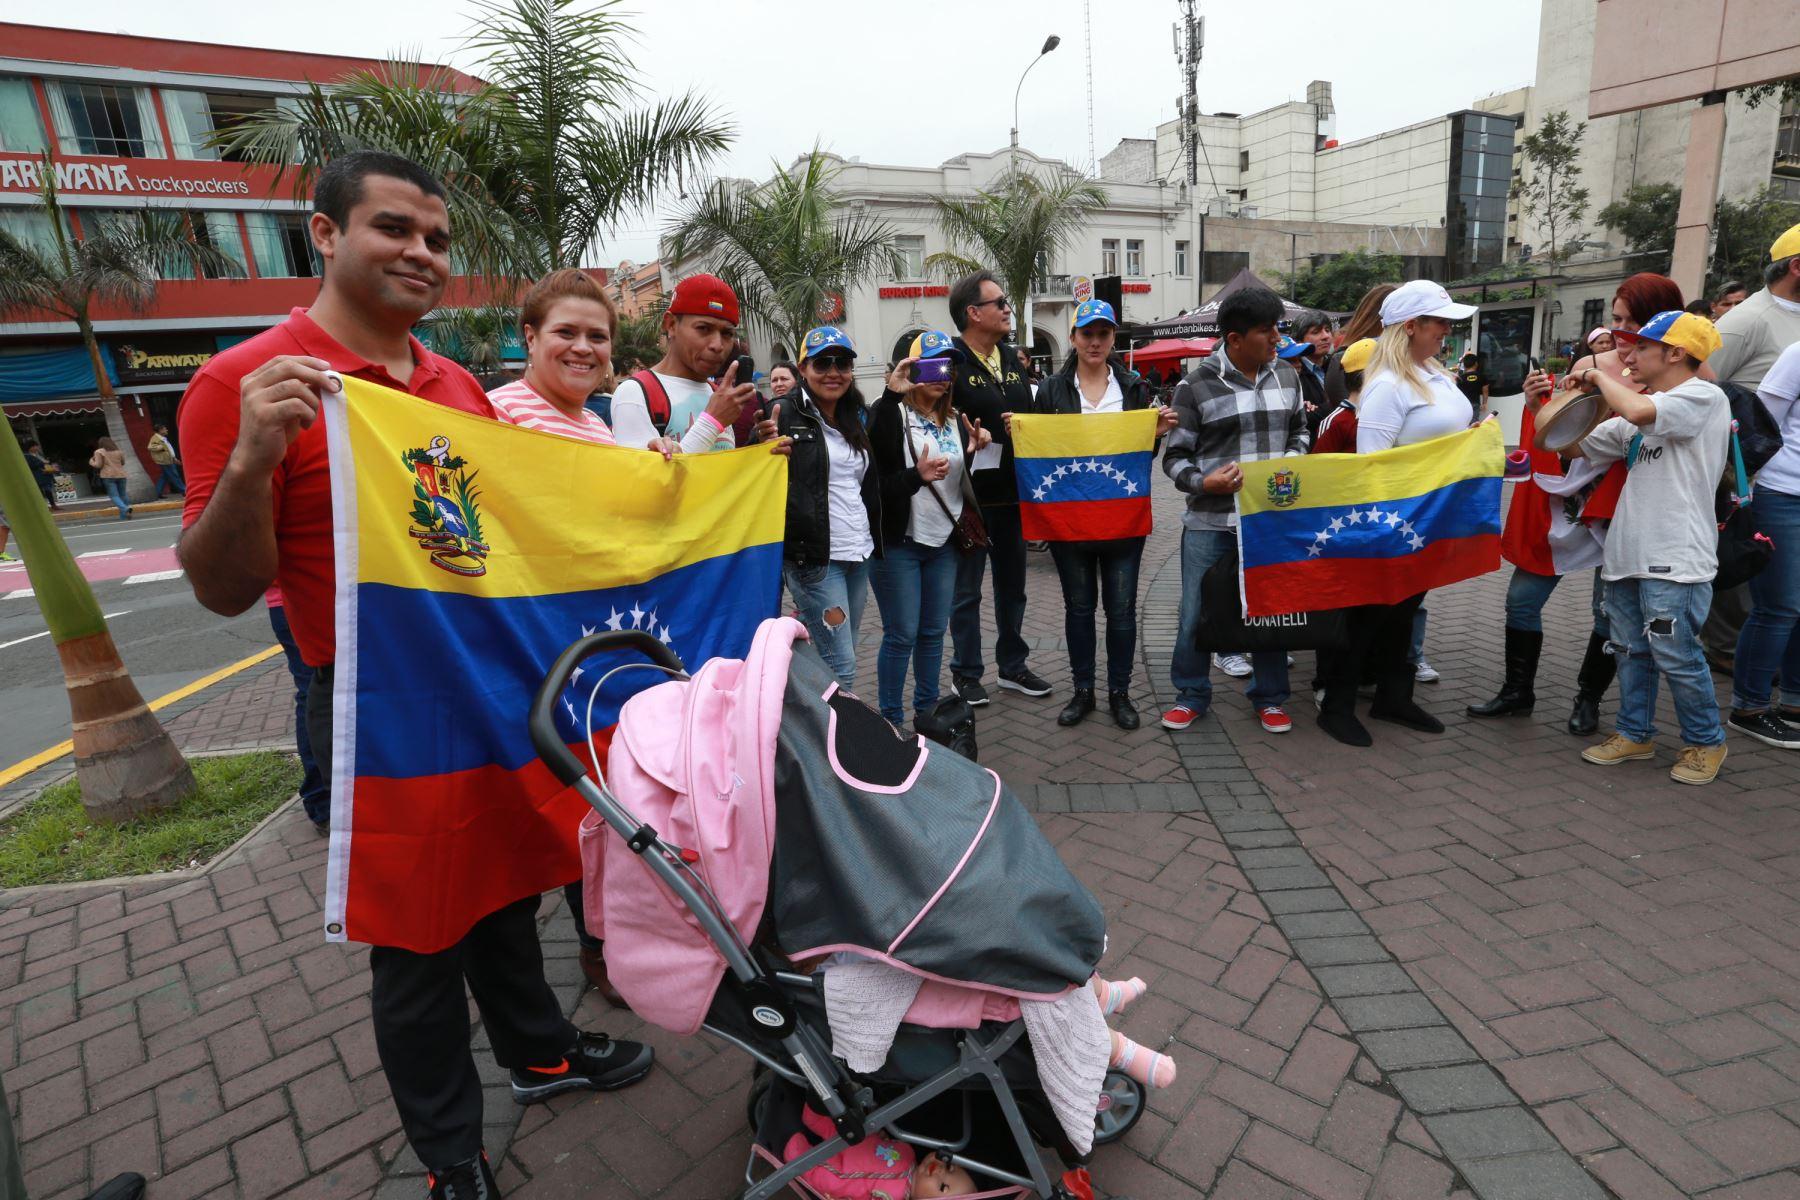 LIMA,PERÚ-JUNIO 11.- Venezolanos en Lima realizaron manifestación pacífica para solucionar crisis en su país. Foto: ANDINA/Norman Córdova